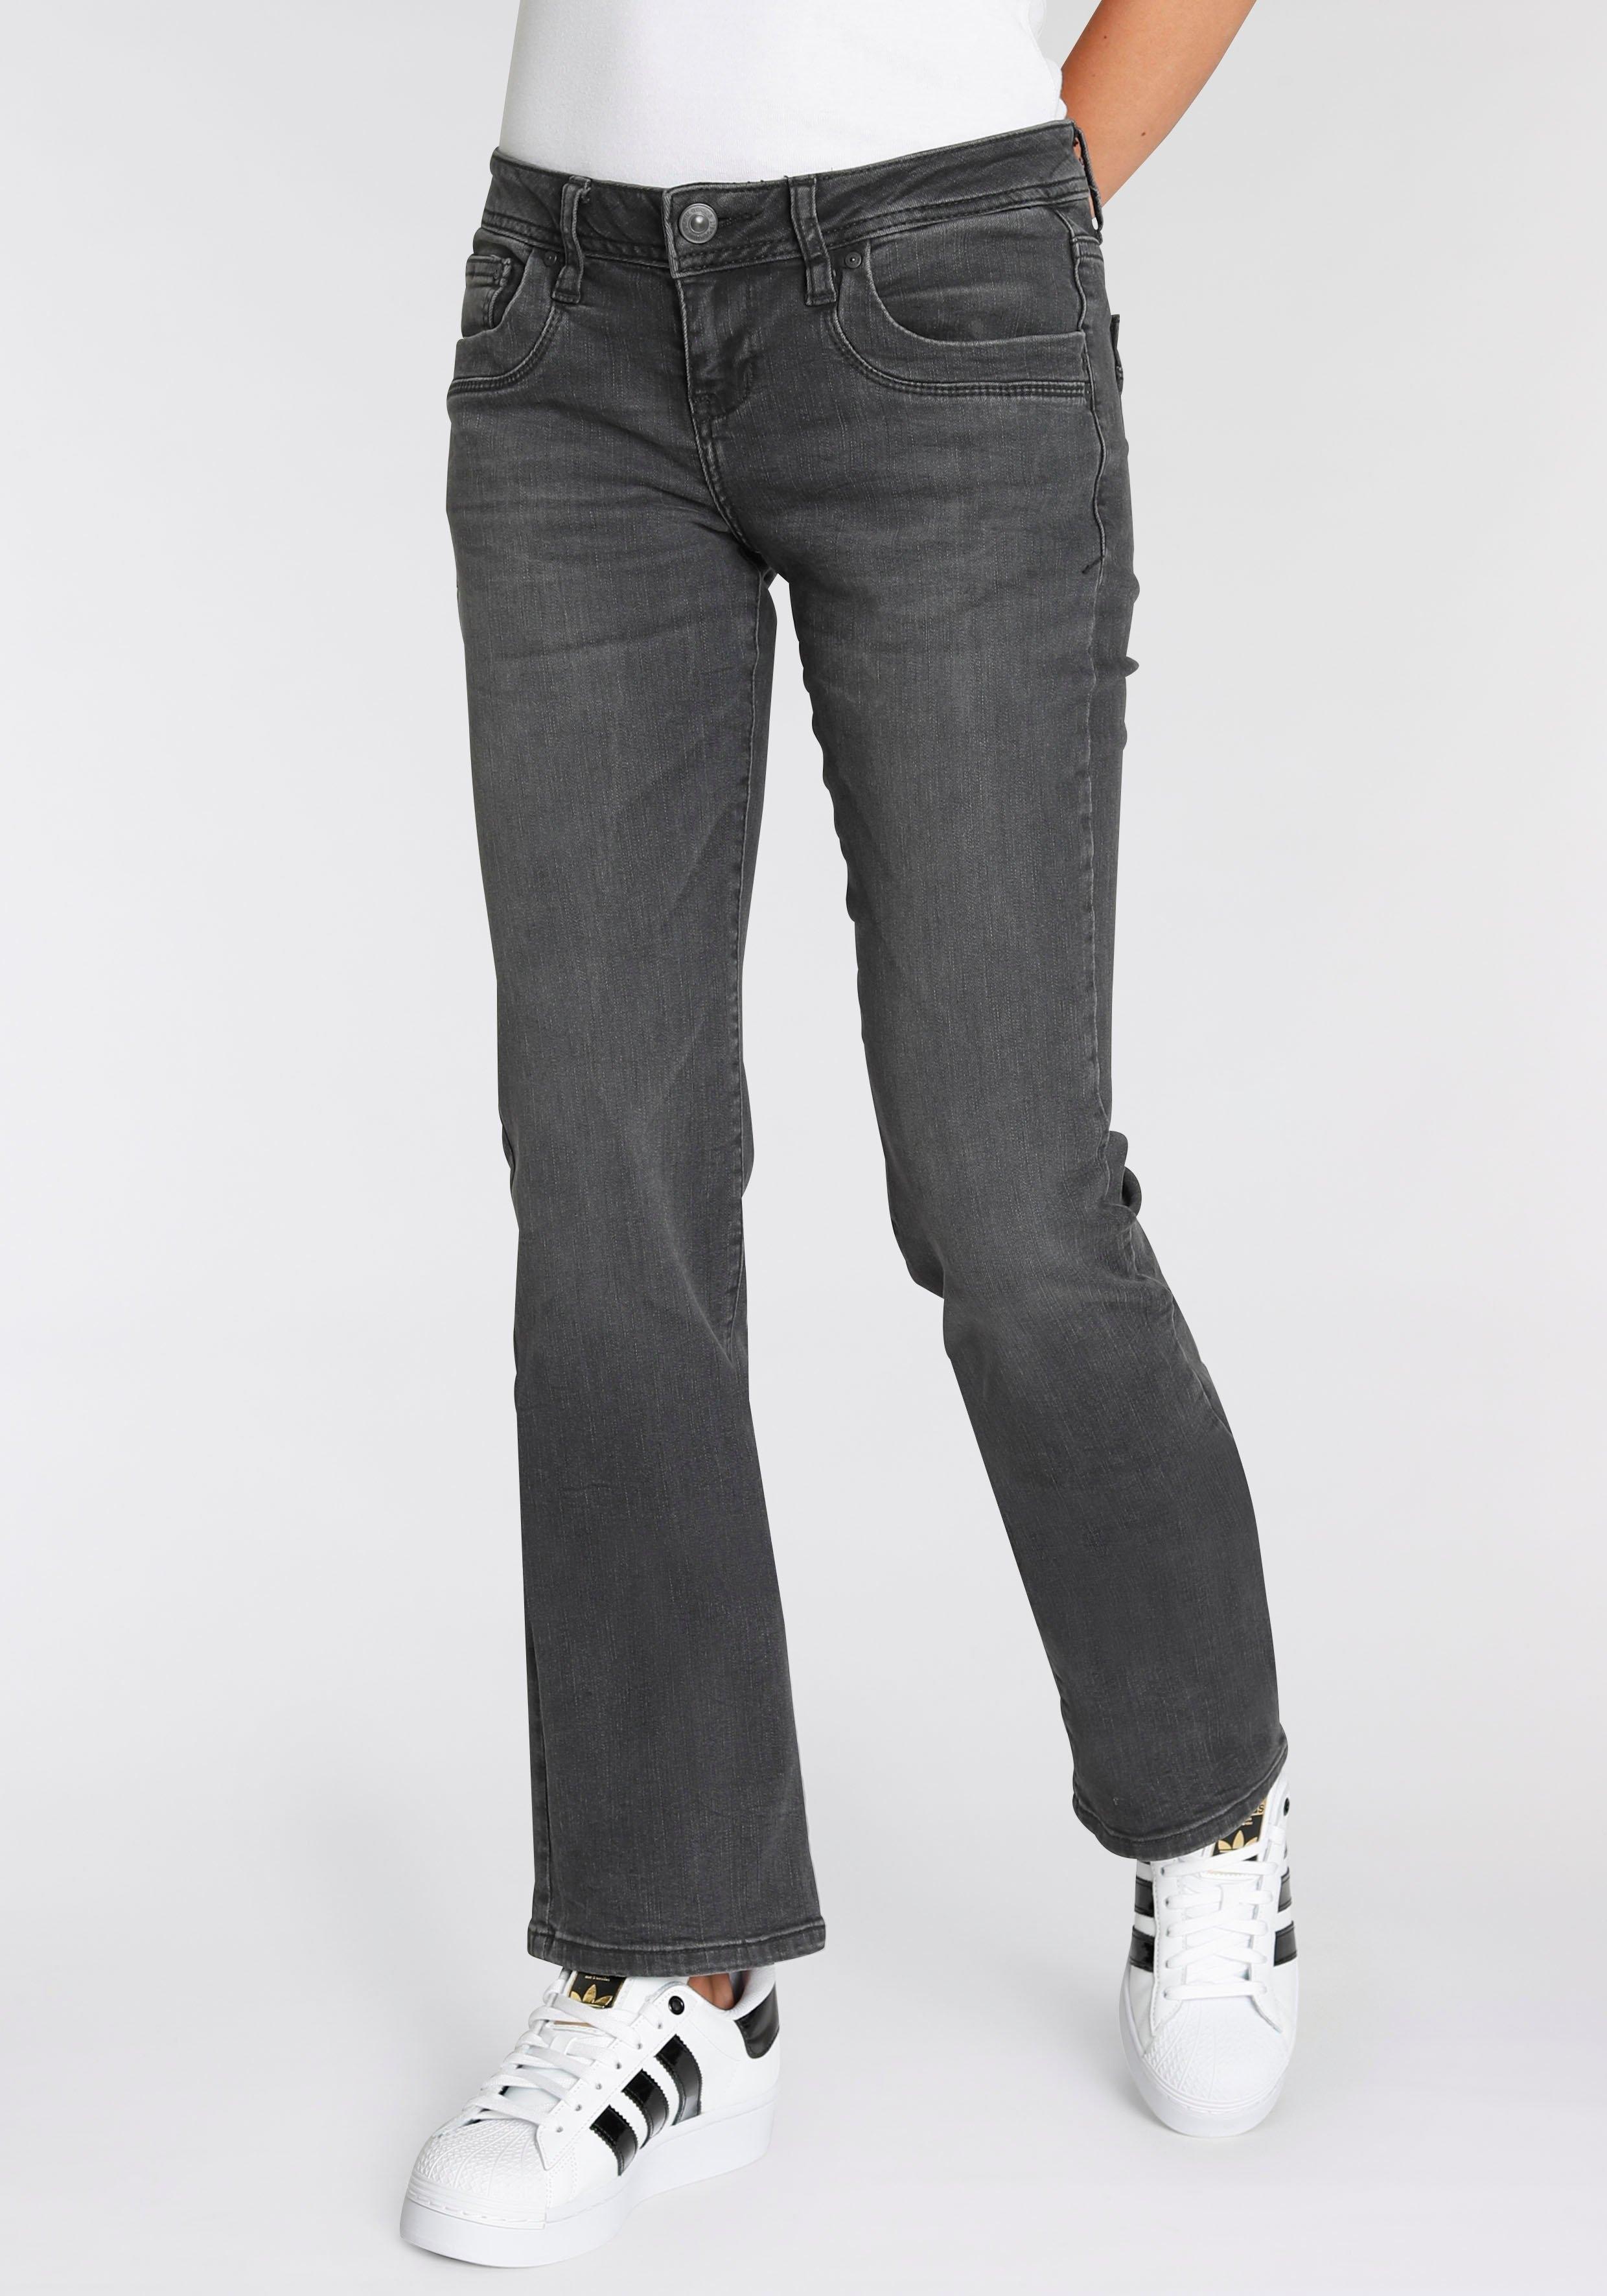 LTB Bootcut jeans Valerie met uitlopende pijpen en lage taillehoogte in 5-pocketsstijl nu online kopen bij OTTO